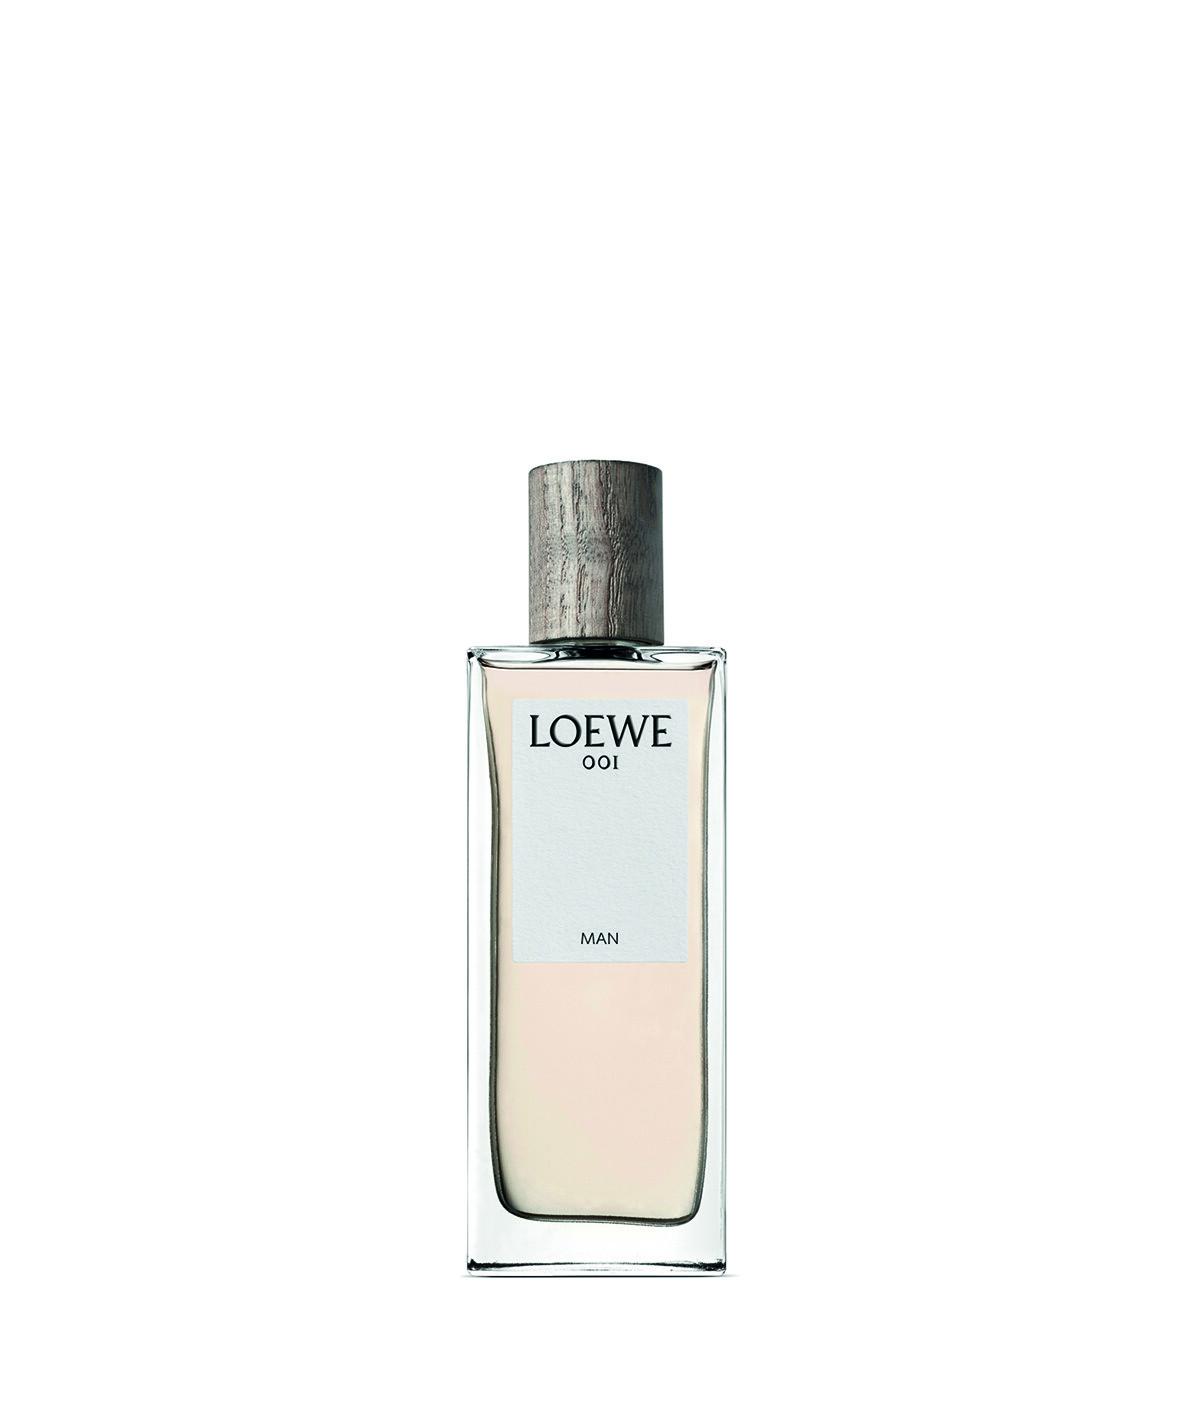 LOEWE Loewe 001 Man Edp 50Ml Sin Color front